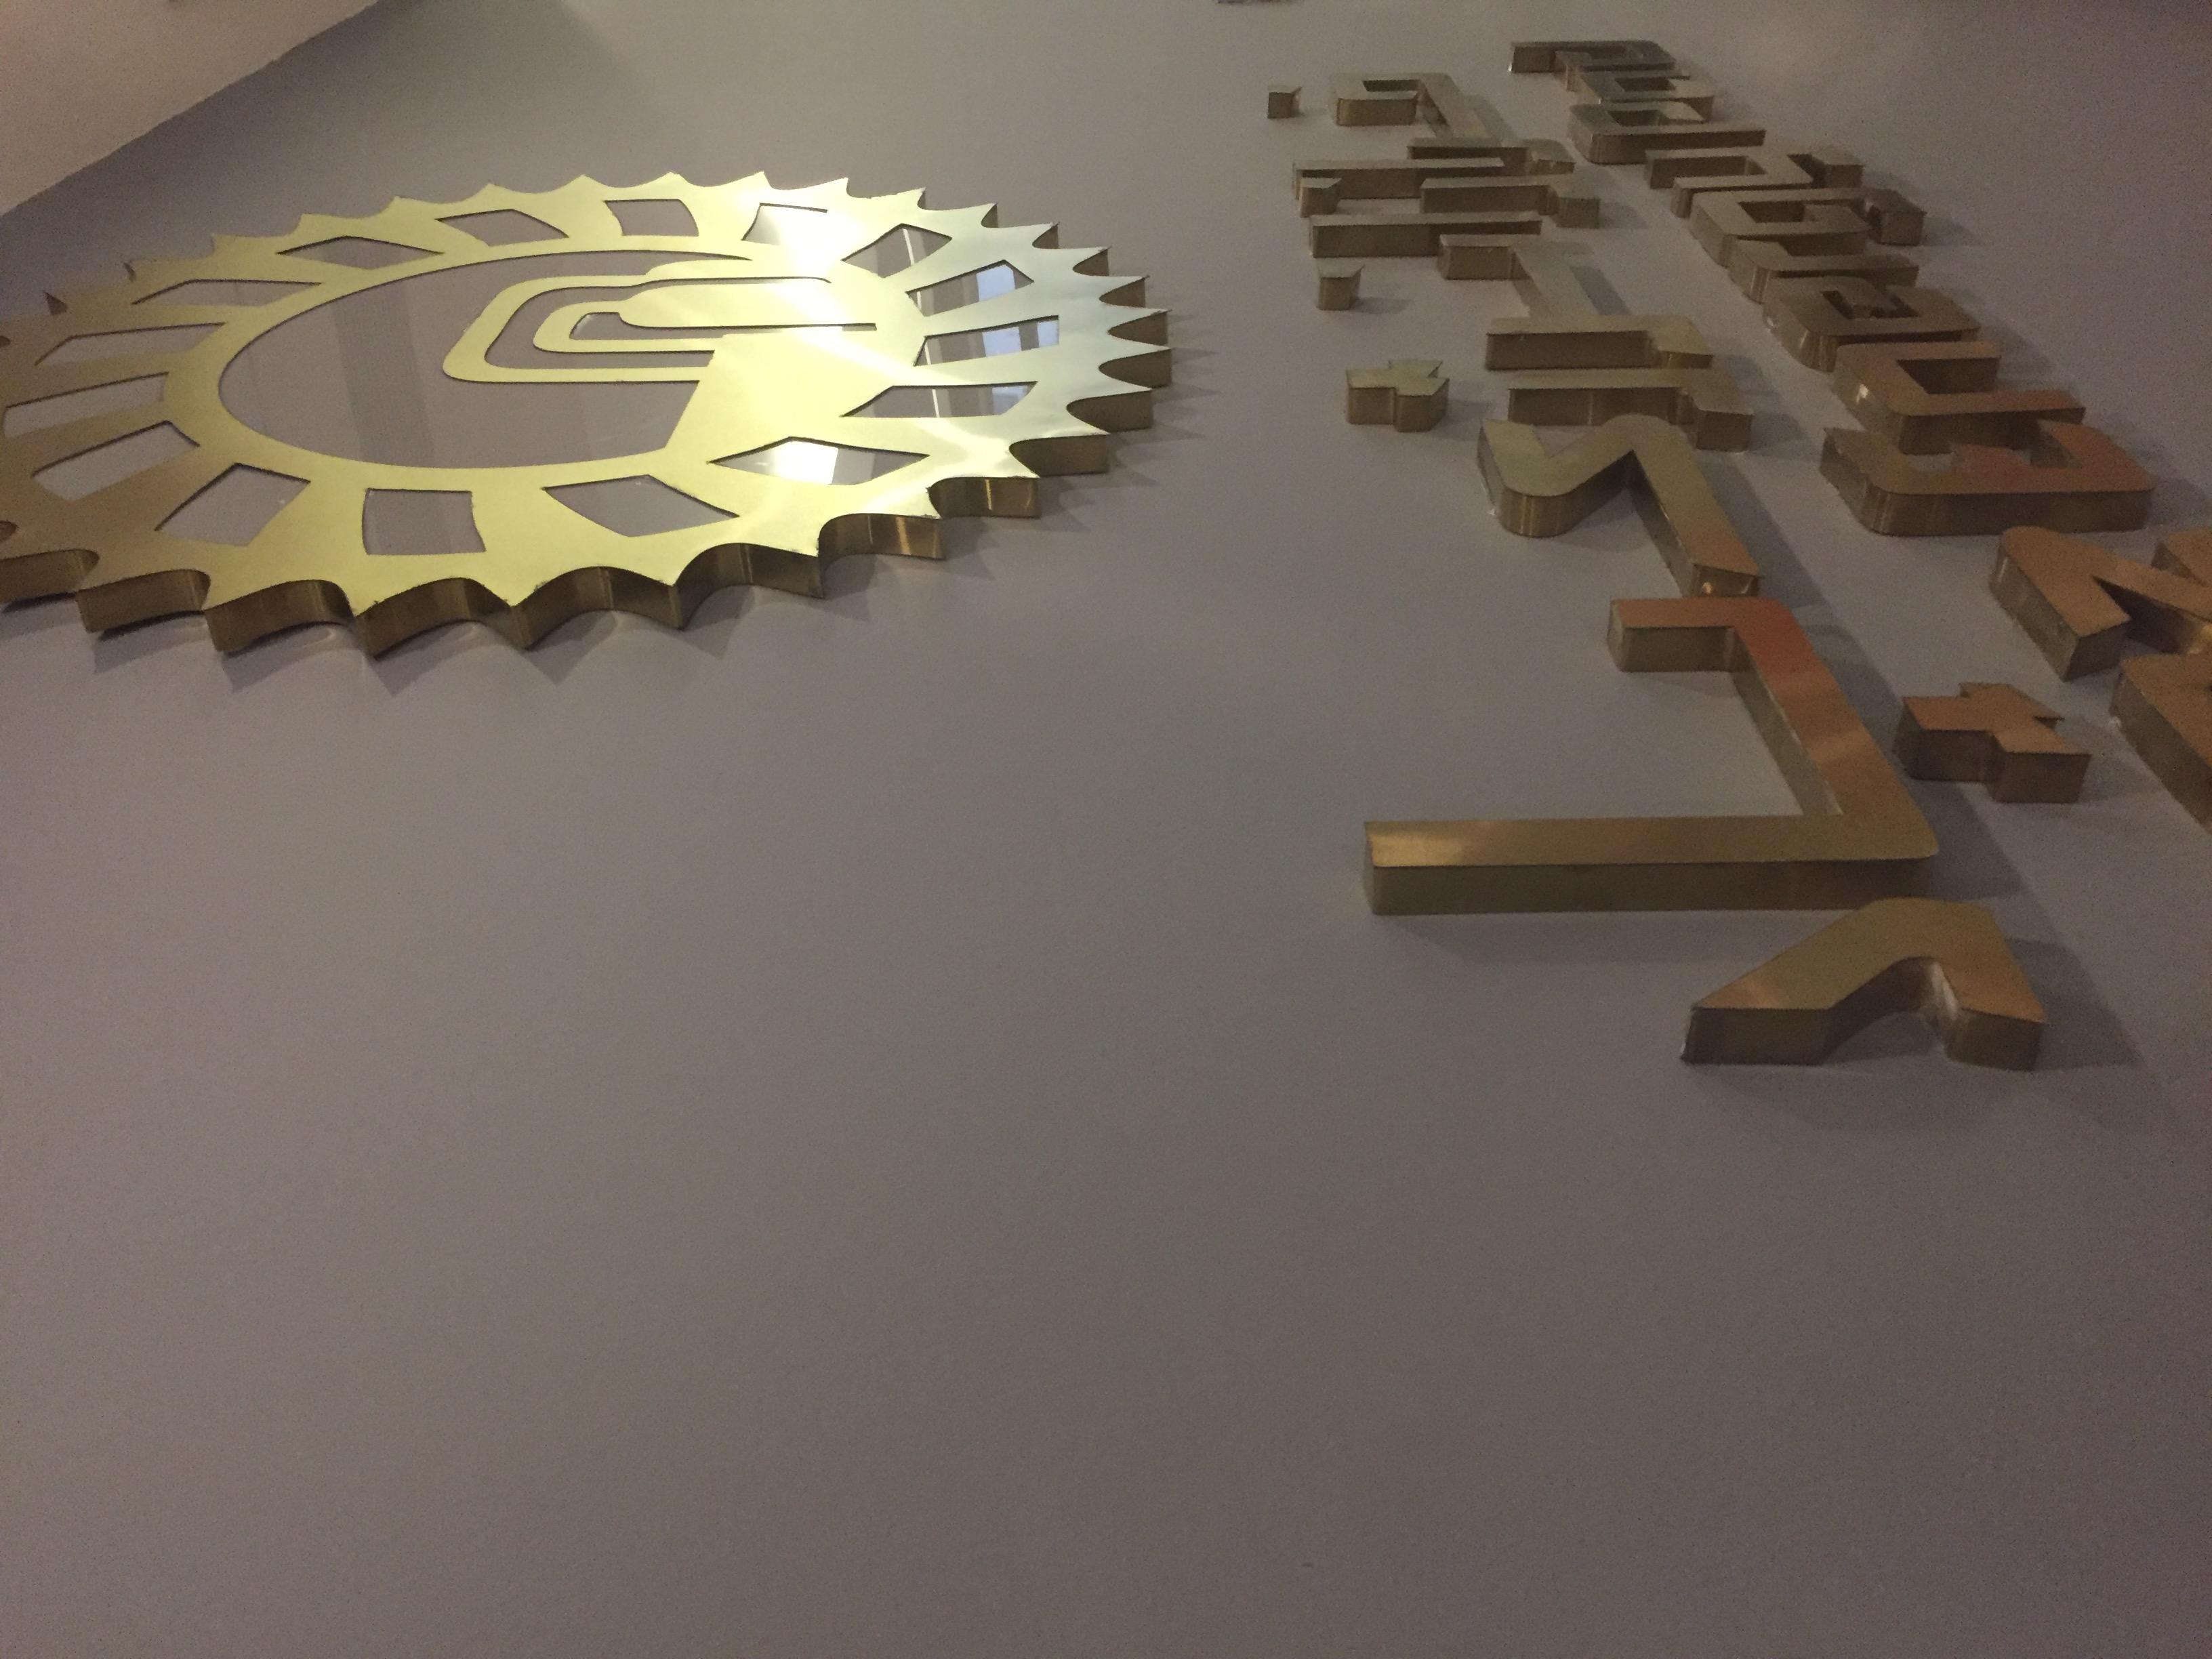 ساخت و نصب لوگو با حروف استیلش